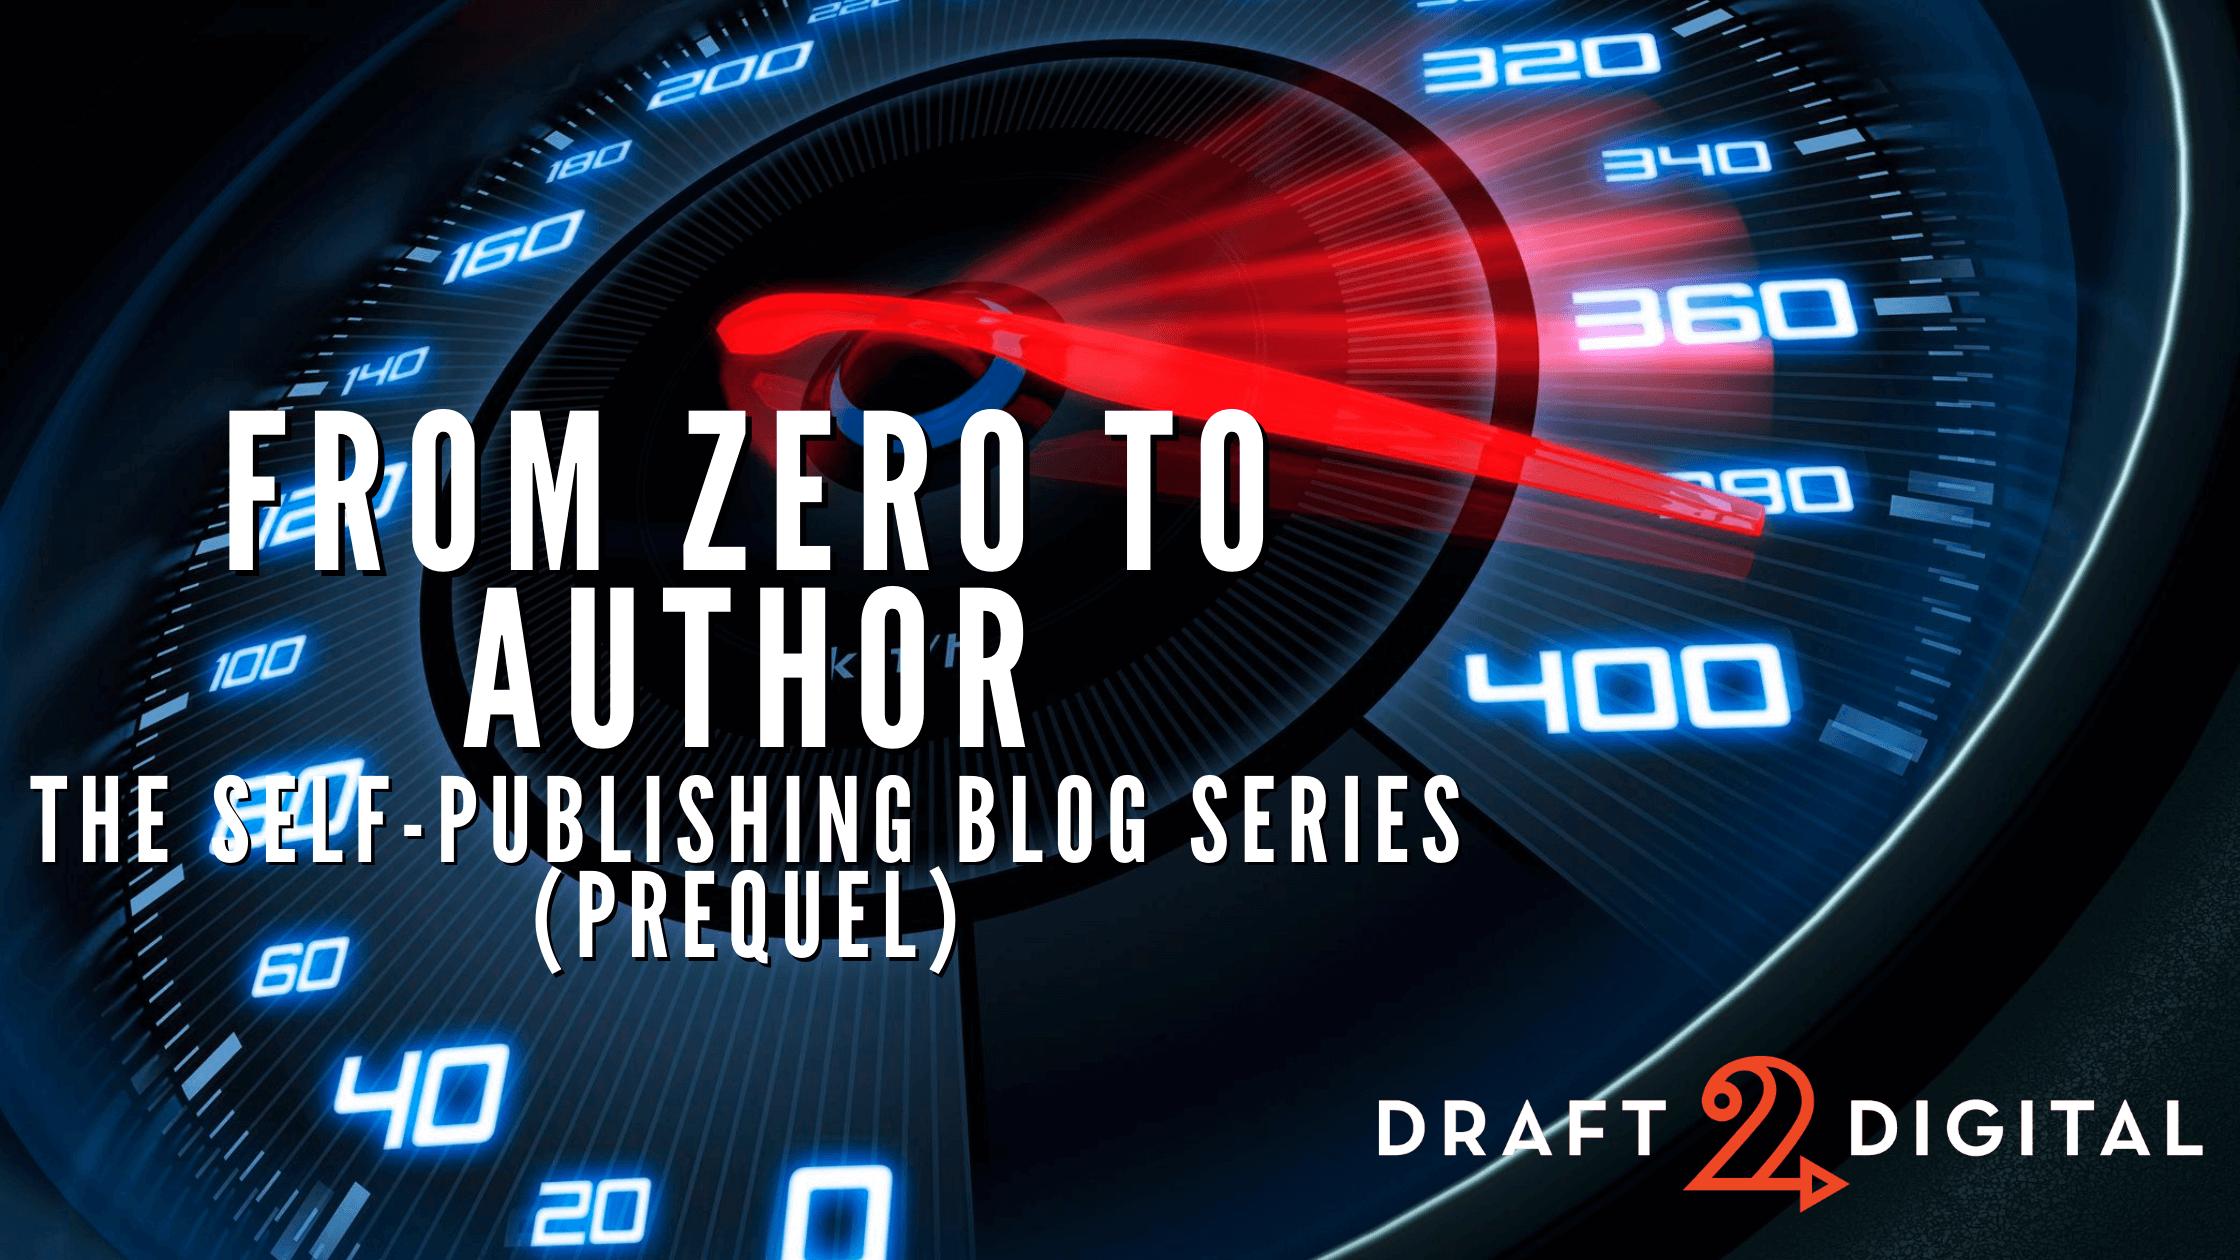 From Zero to Author